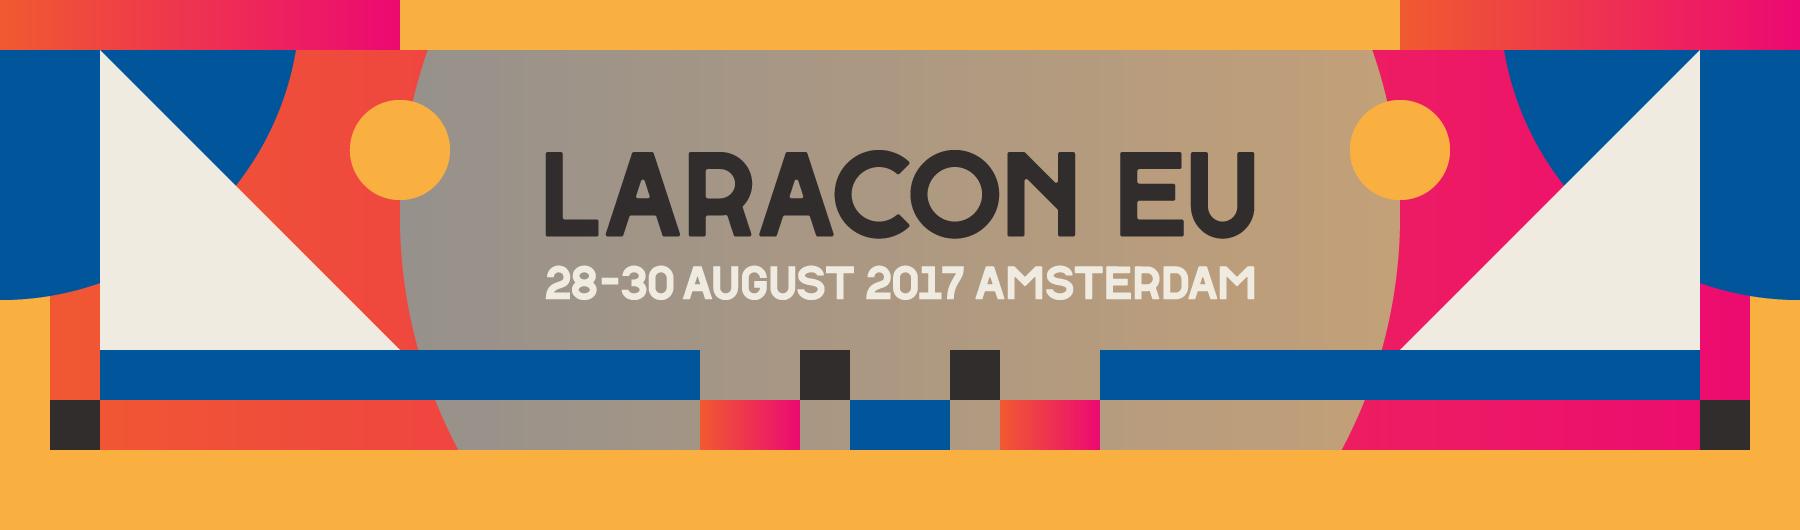 Laracon EU 2017